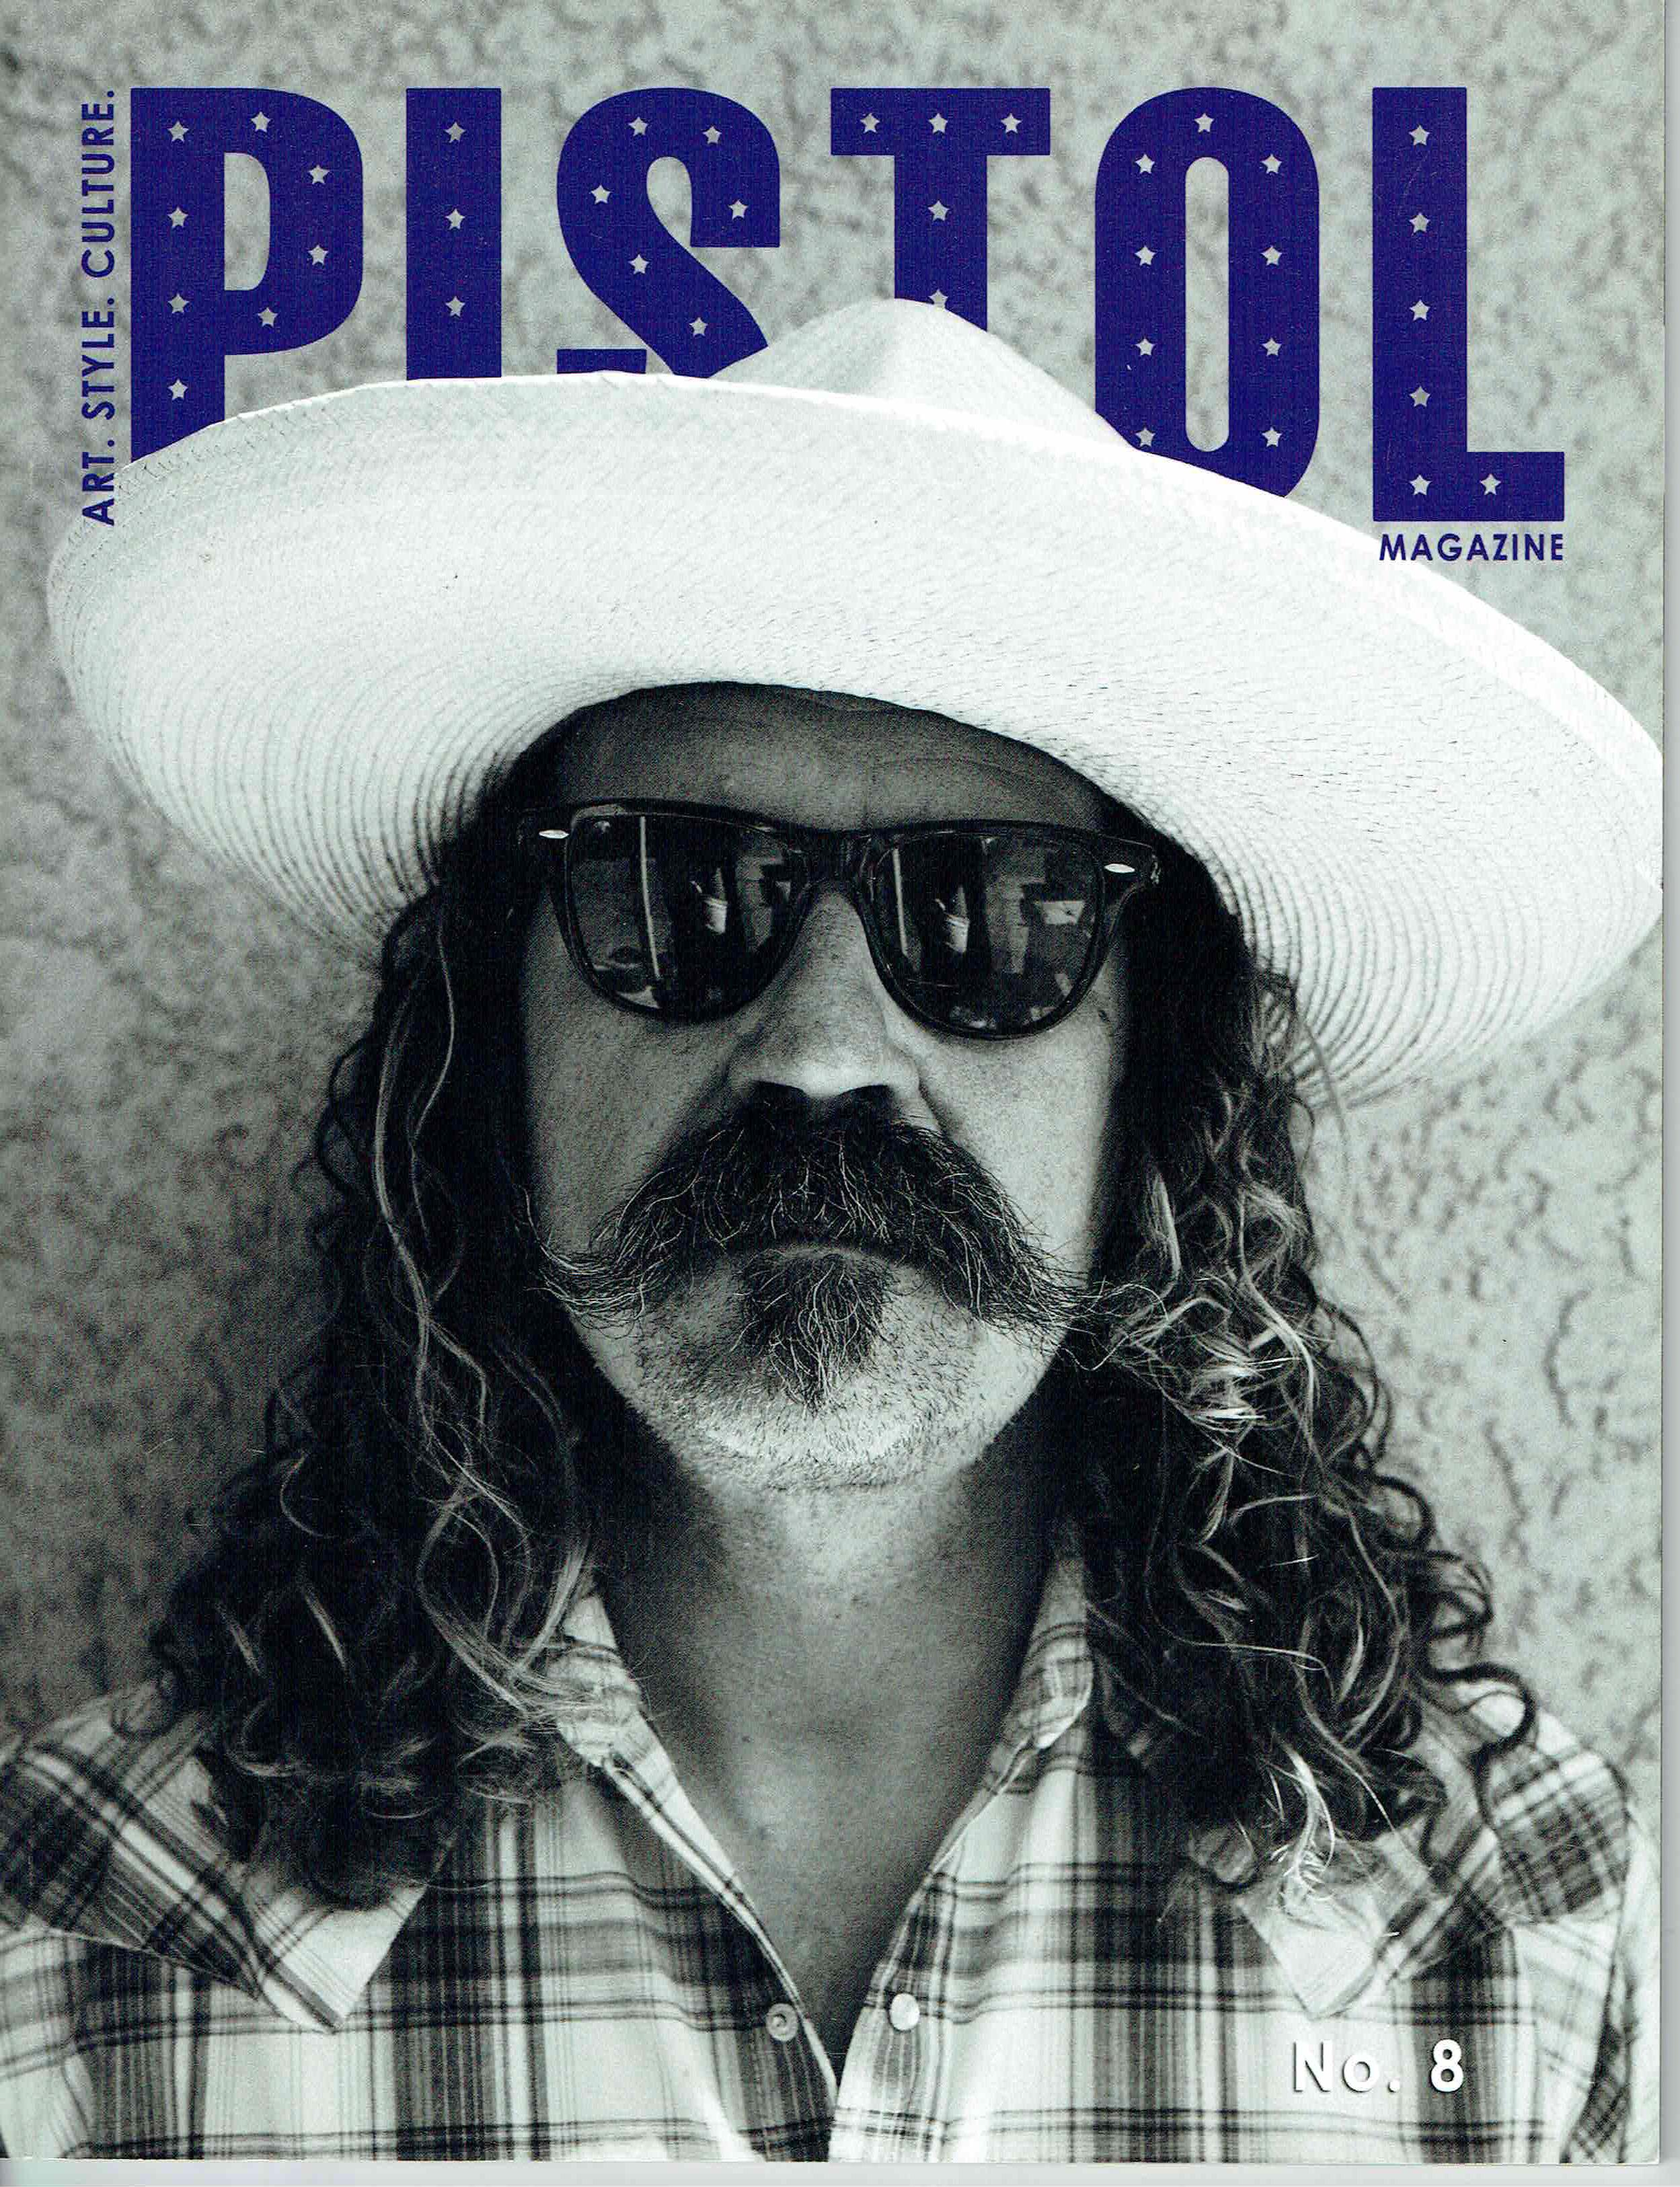 dg-PistolMag-cover.jpg